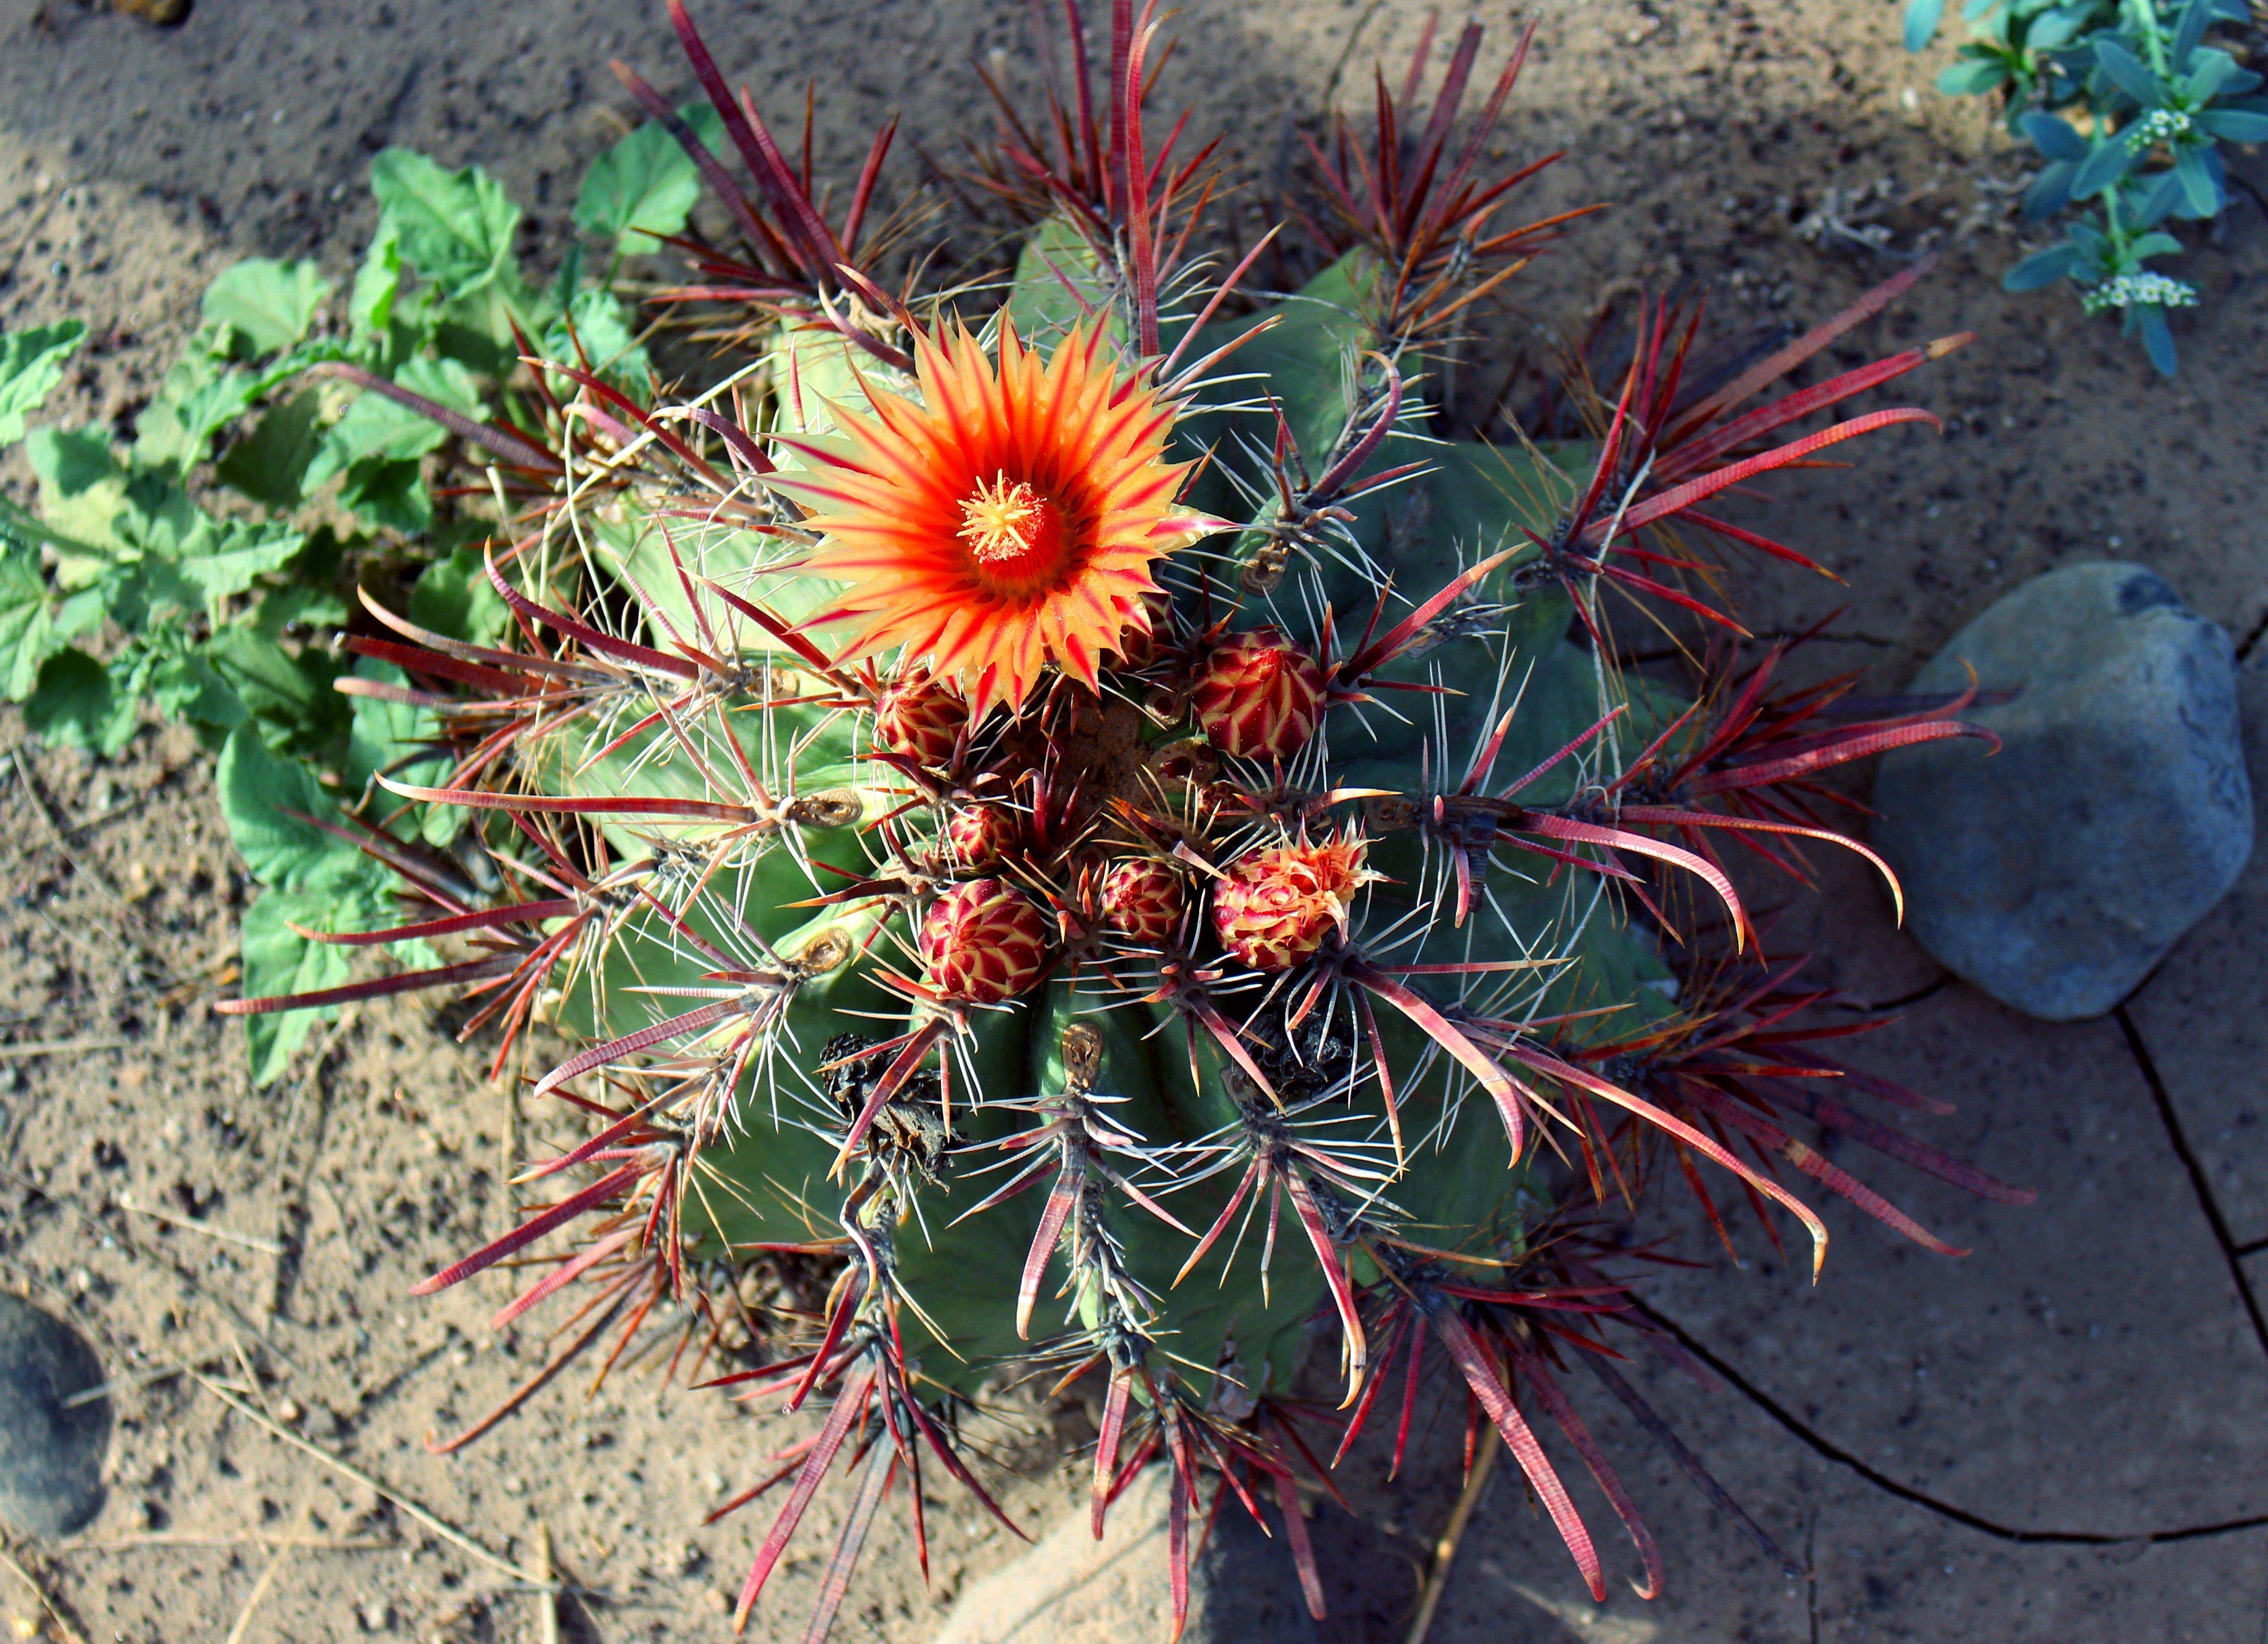 Gratis lagerfoto af appelsin, blomst, blomstrende kaktus, kaktus